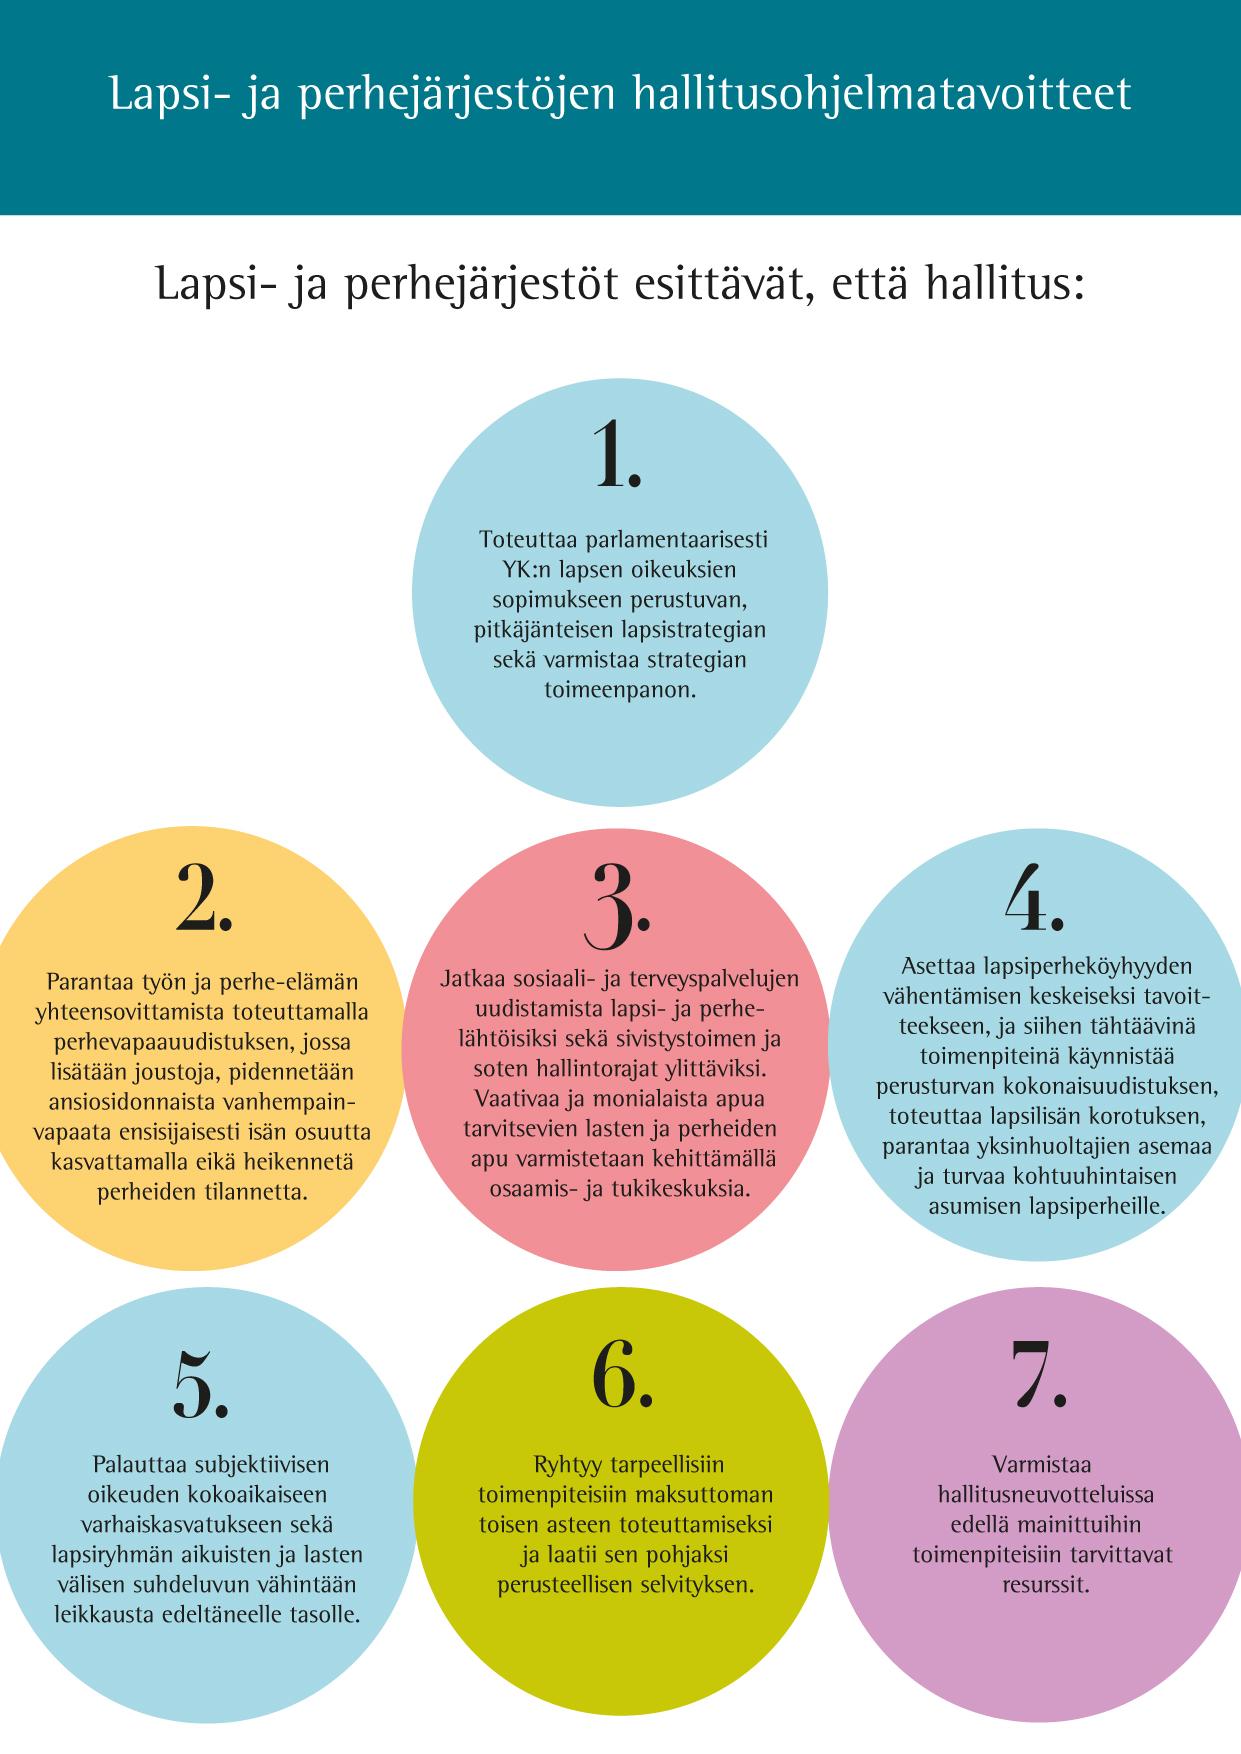 Lapsi- ja perhejärjestöjen hallitusohjelmatavoitteet 2019